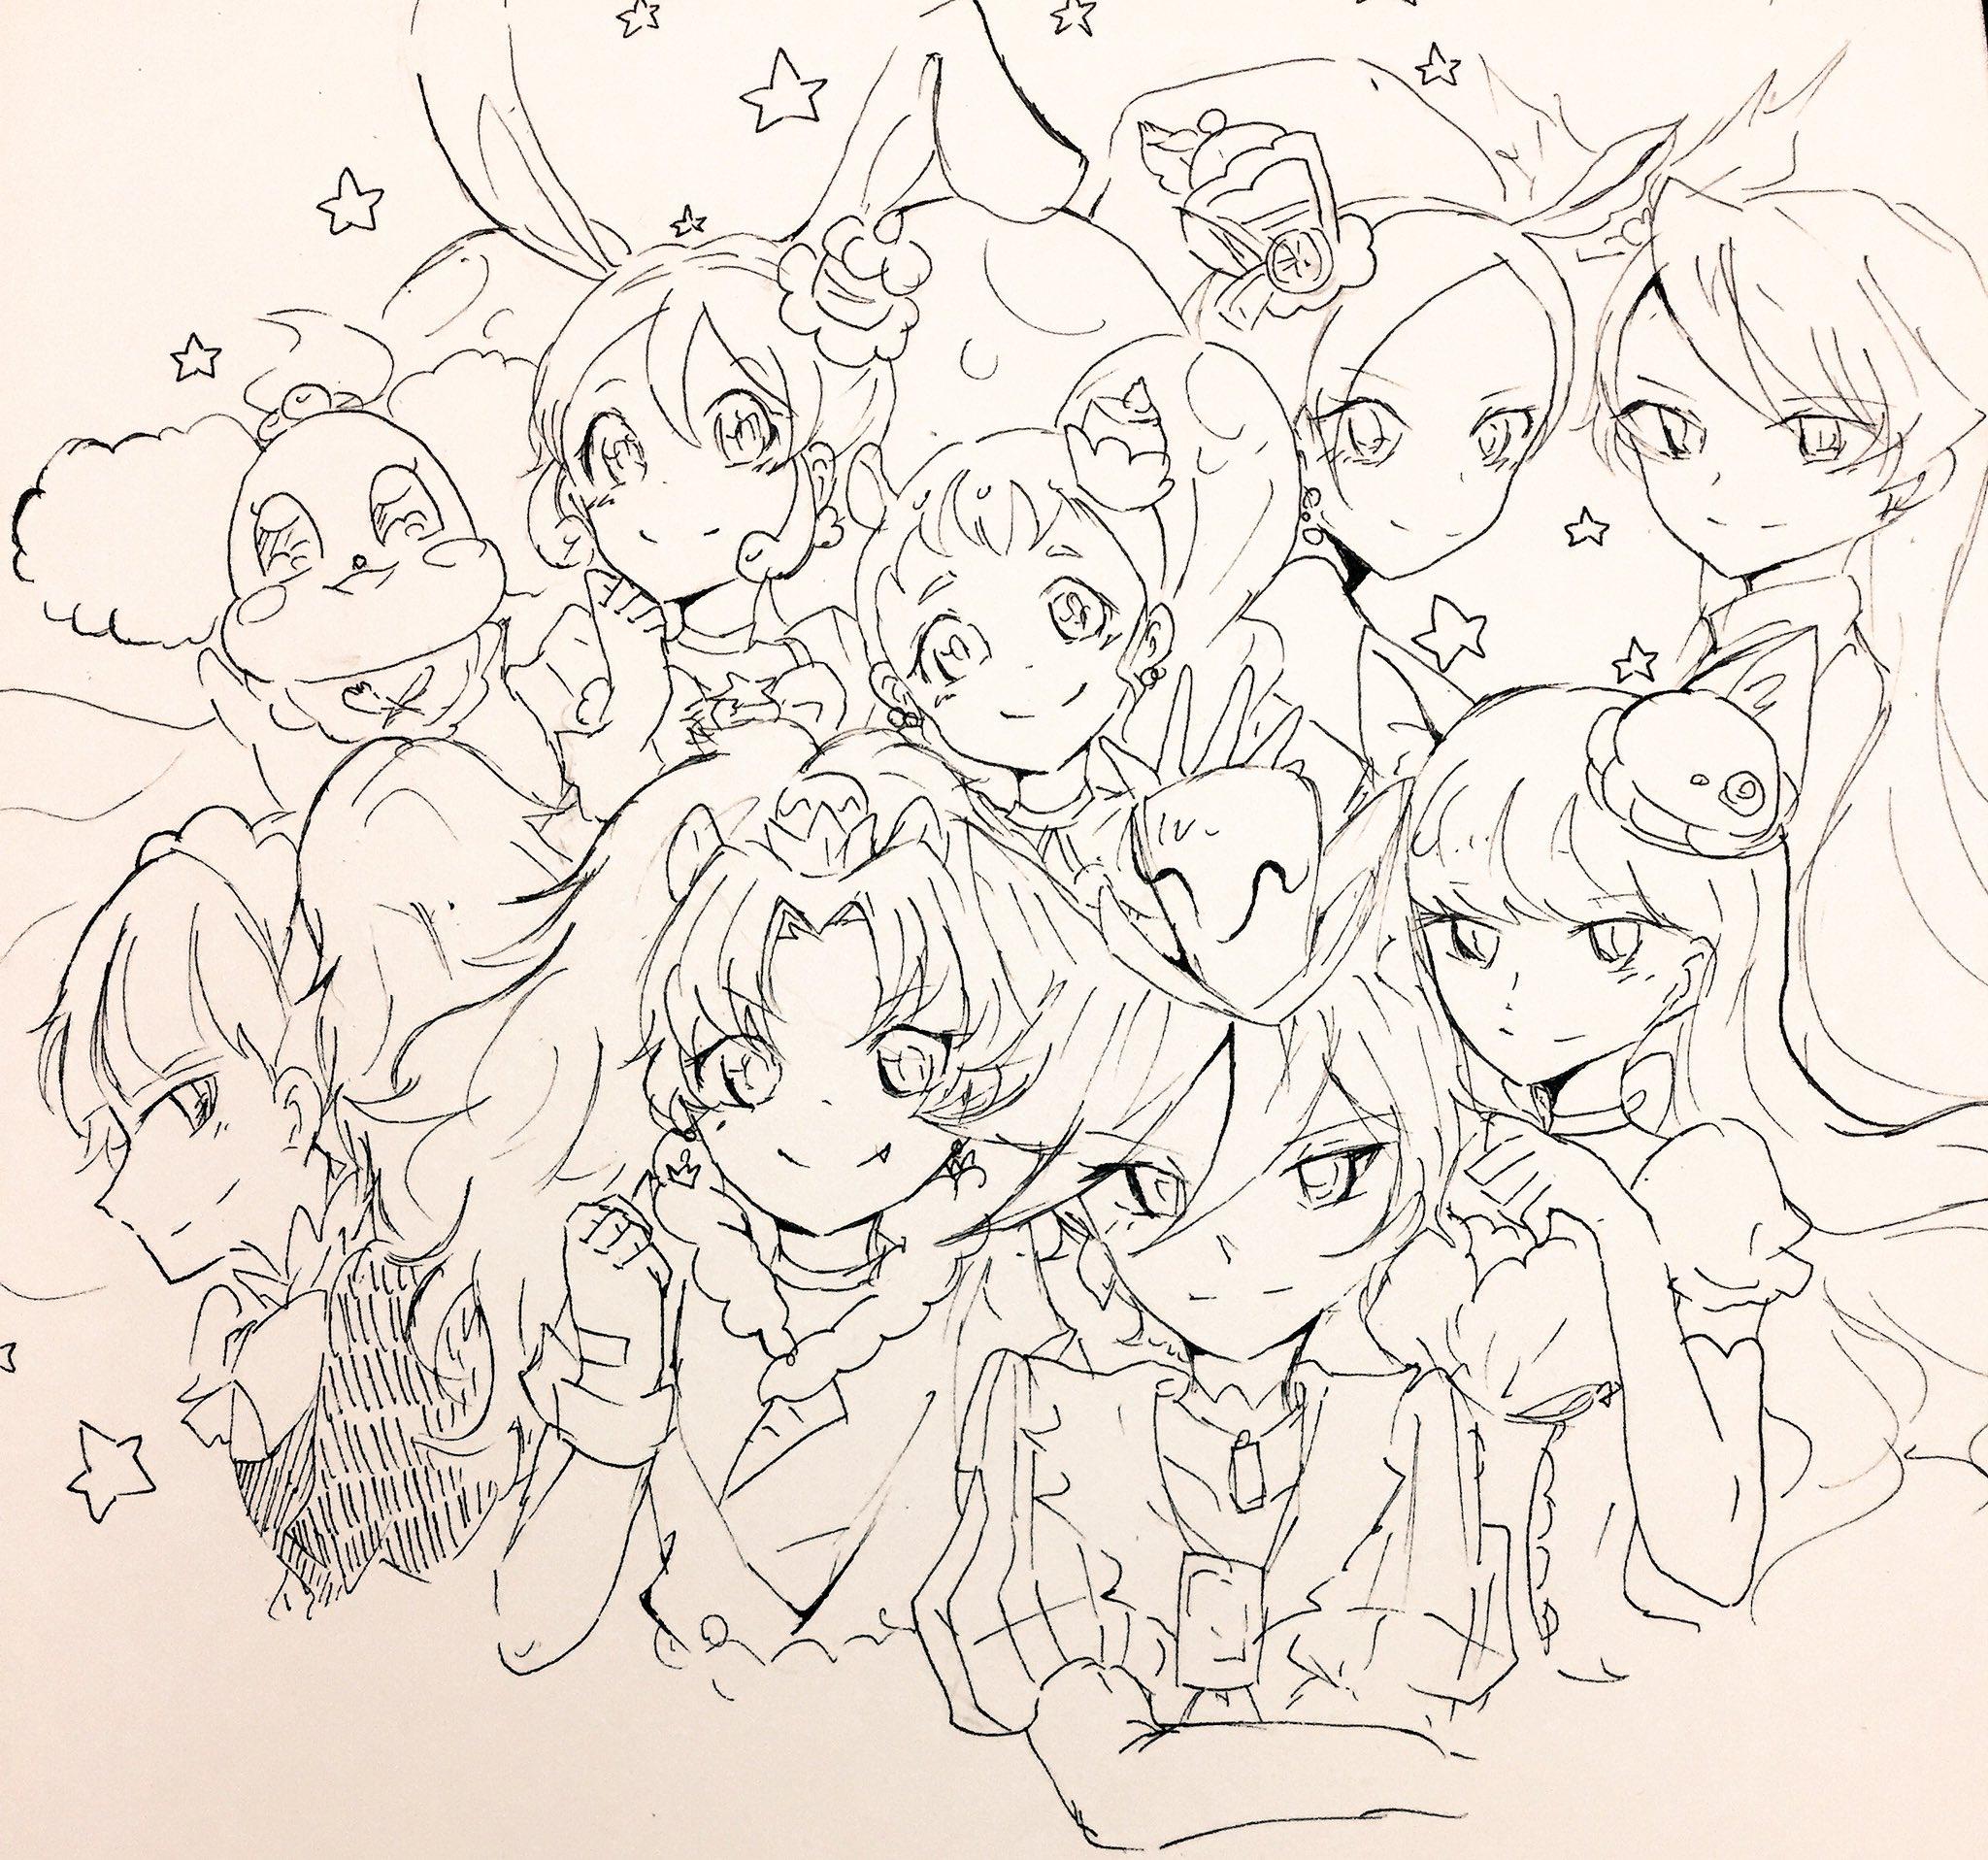 くまくら (@KumakuraCo)さんのイラスト